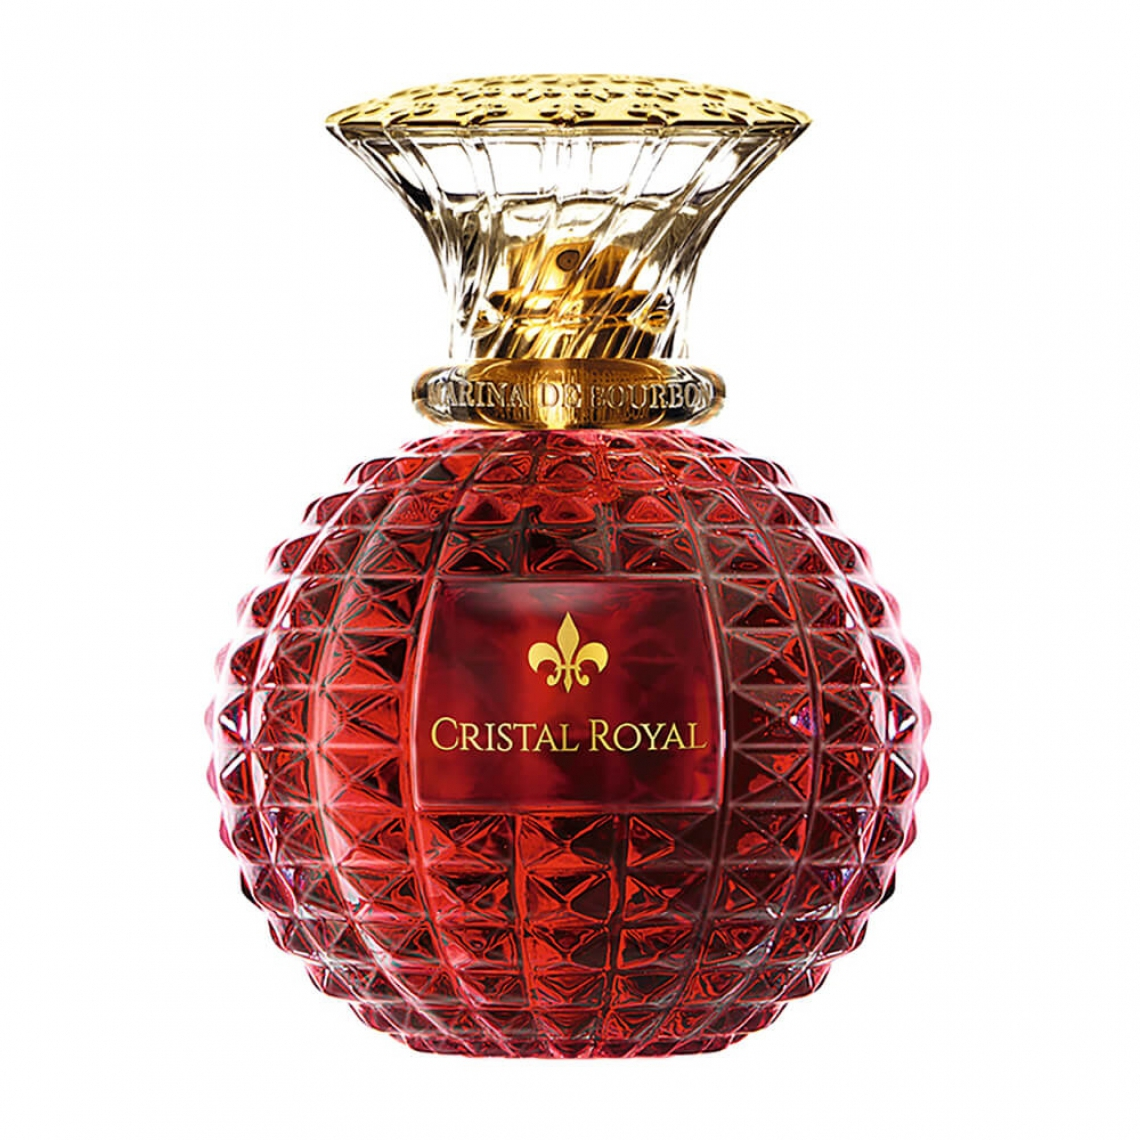 Marina de Bourbon Passion Cristal Royal, (preço médio: R$ 329/50ml) Um perfume oriental frutal charmoso e atraente que reflete a paixão da mulher. Notas de cabeça: bergamota e maçã, de coração: tuberosa, jasmim e amêndoa